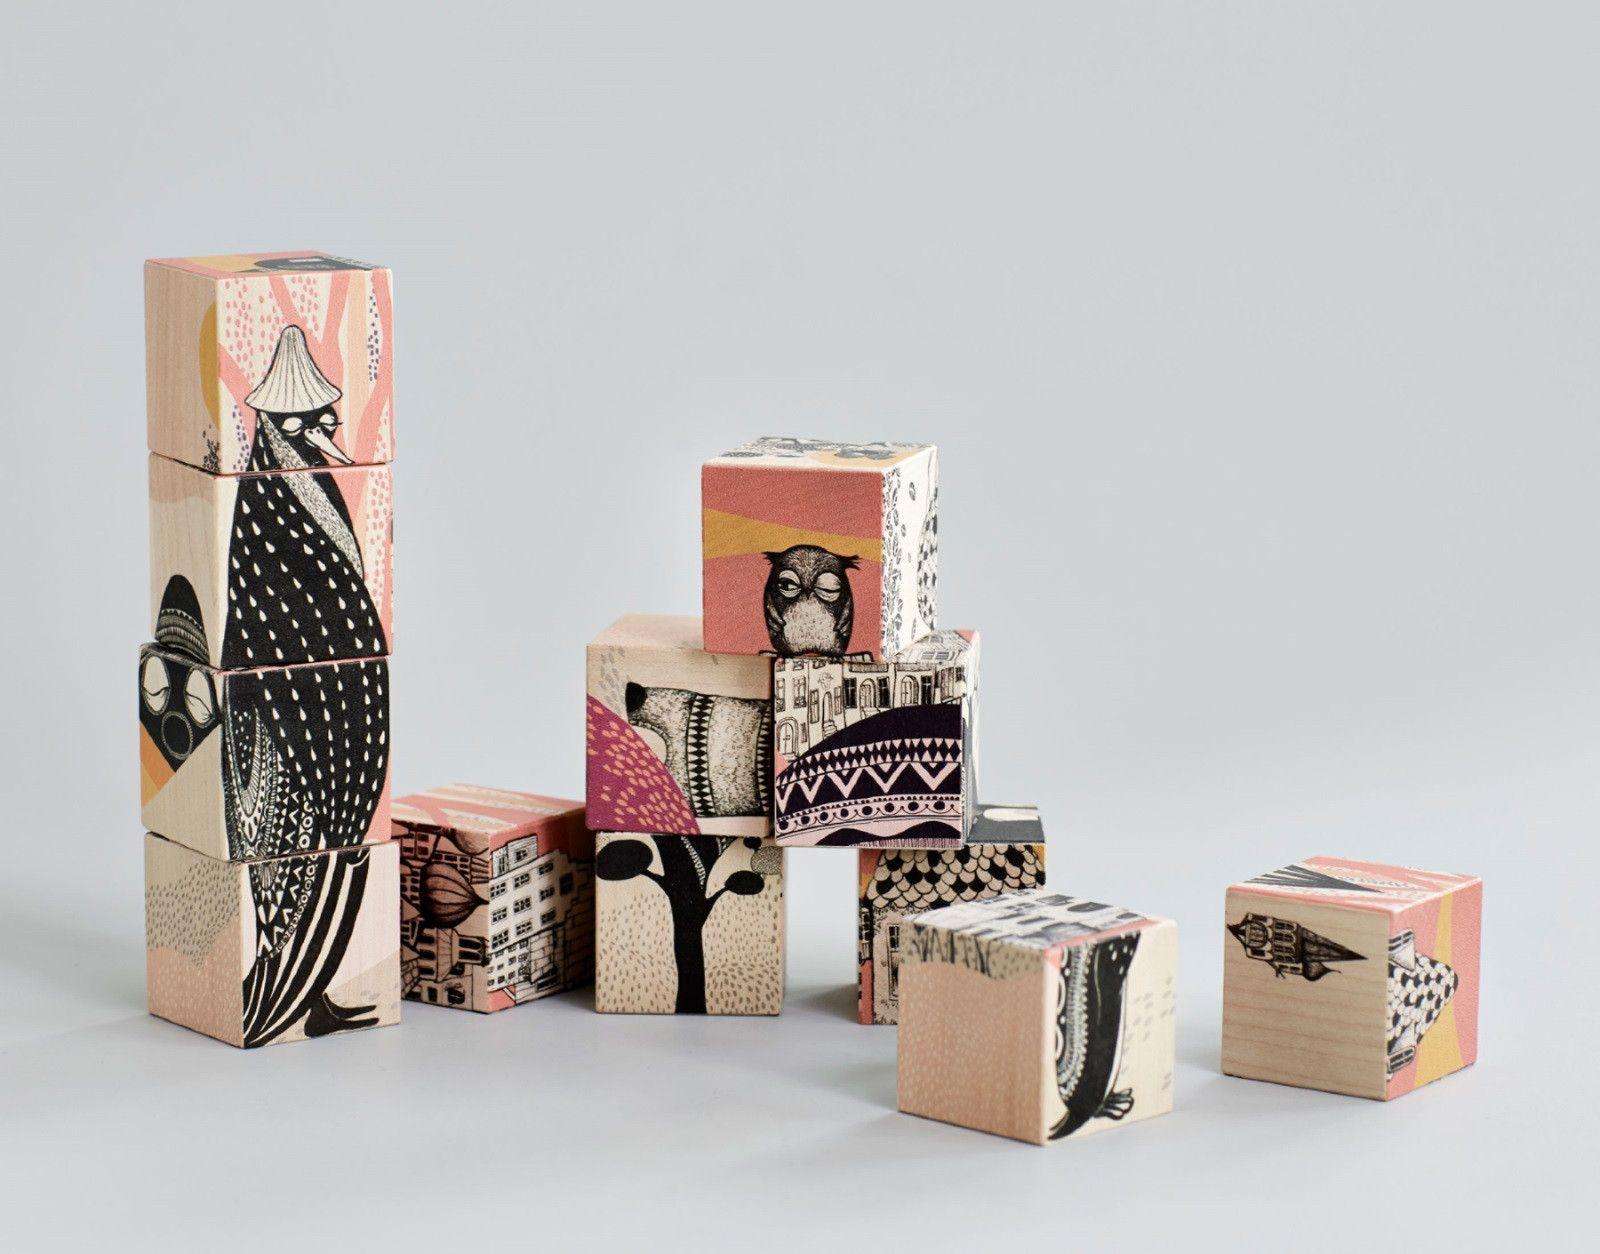 Einrichten Design De building blocks würfelpuzzle mini empire einrichten design de